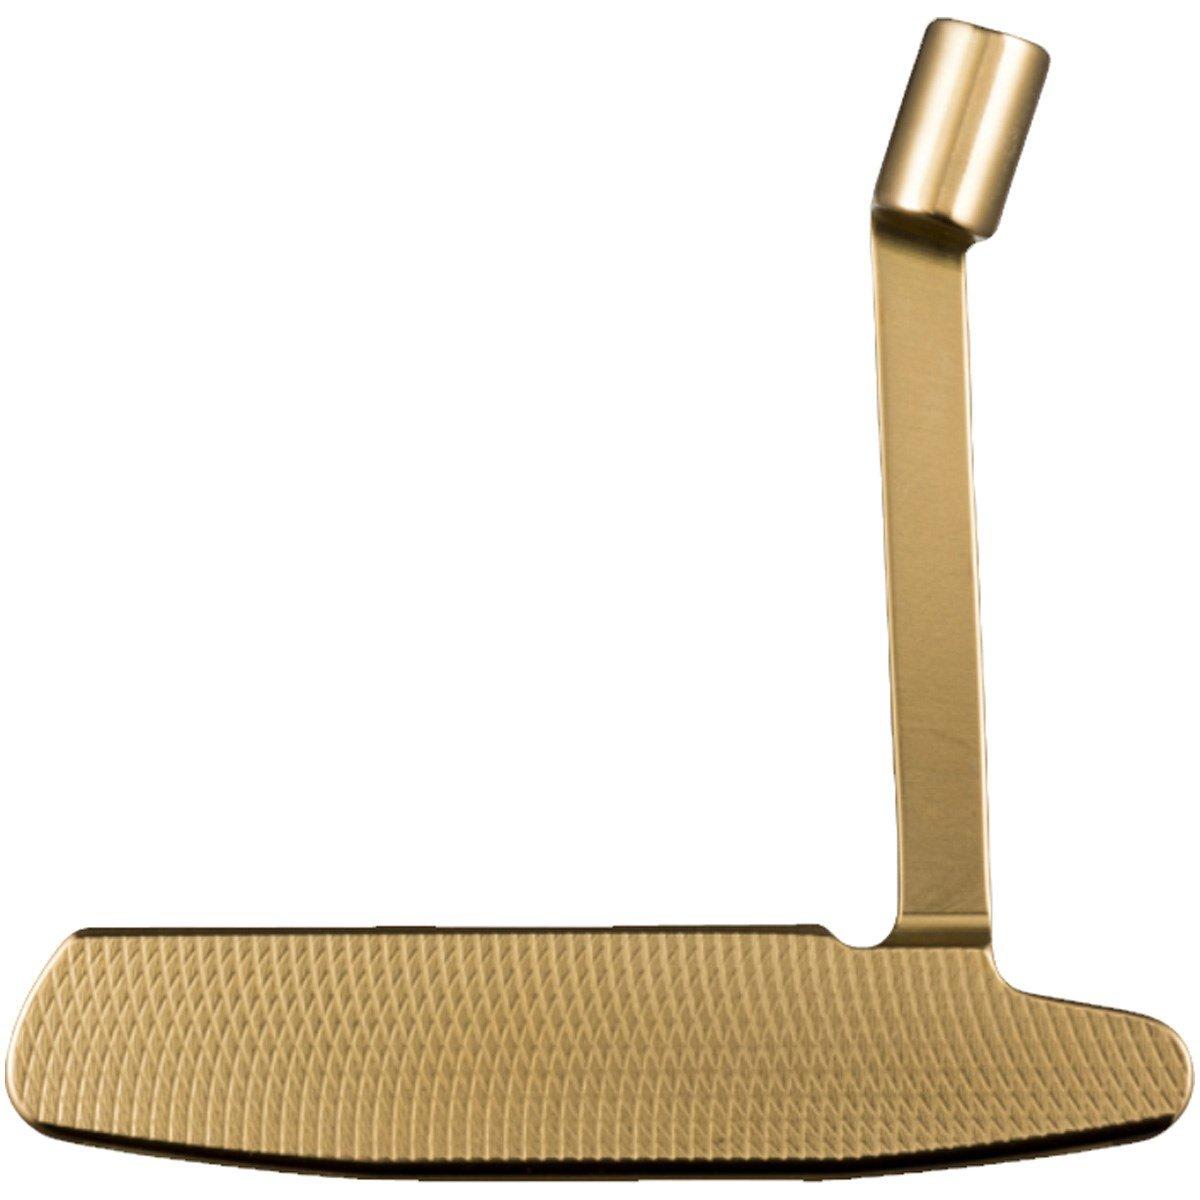 クロノスゴルフ kronosgolf クロノスパター TROMBONE 17 Gold パター シャフト:カーボン(ハード) B077FXHQNL  34.0 インチ